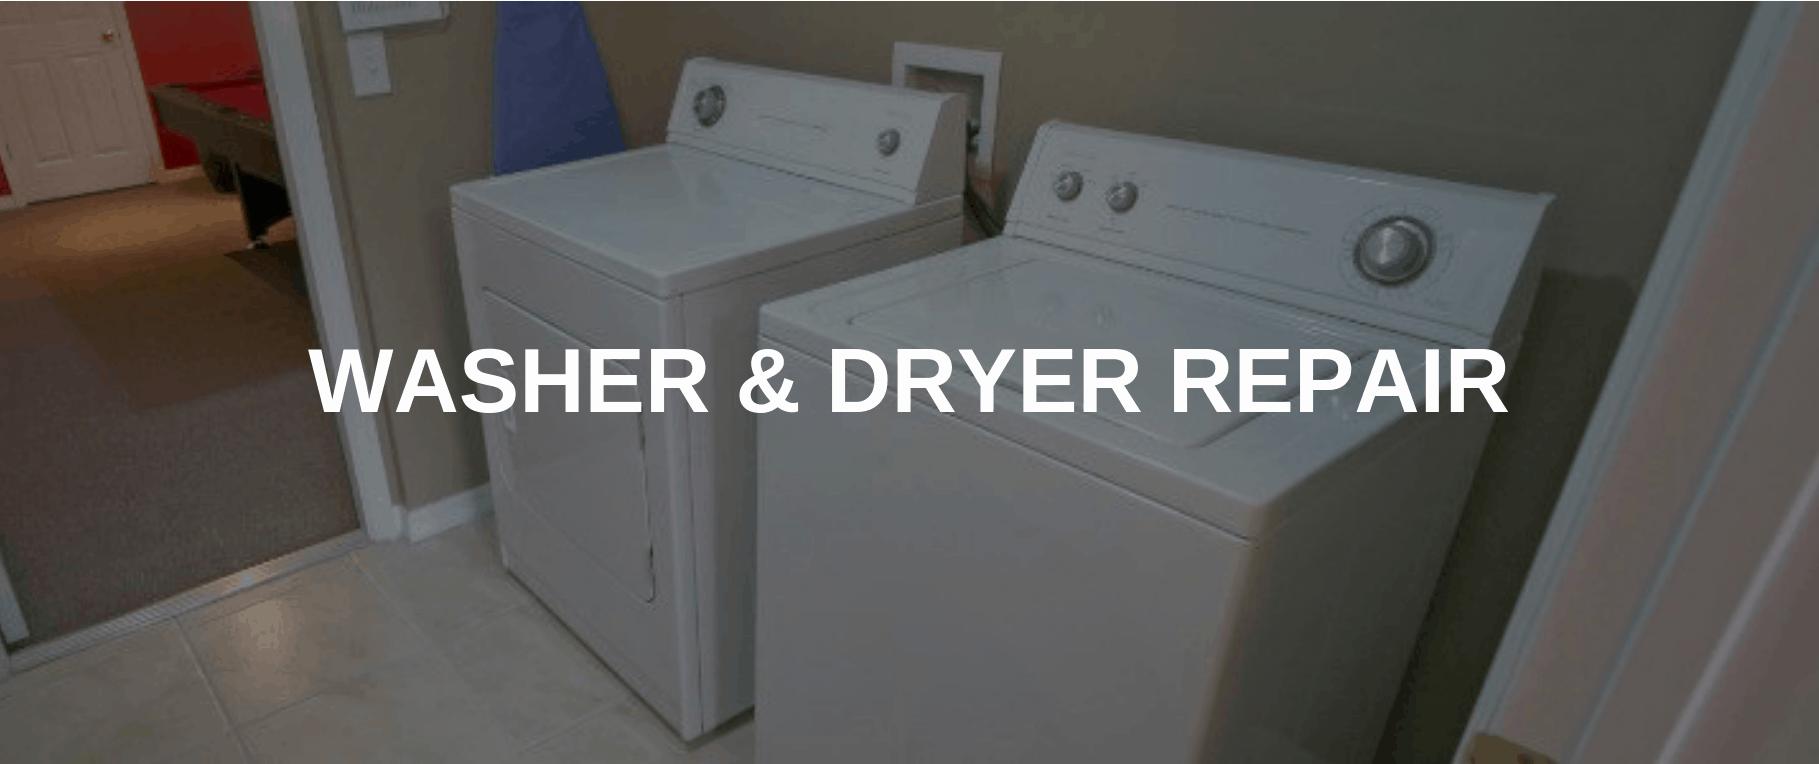 washing machine repair annandale